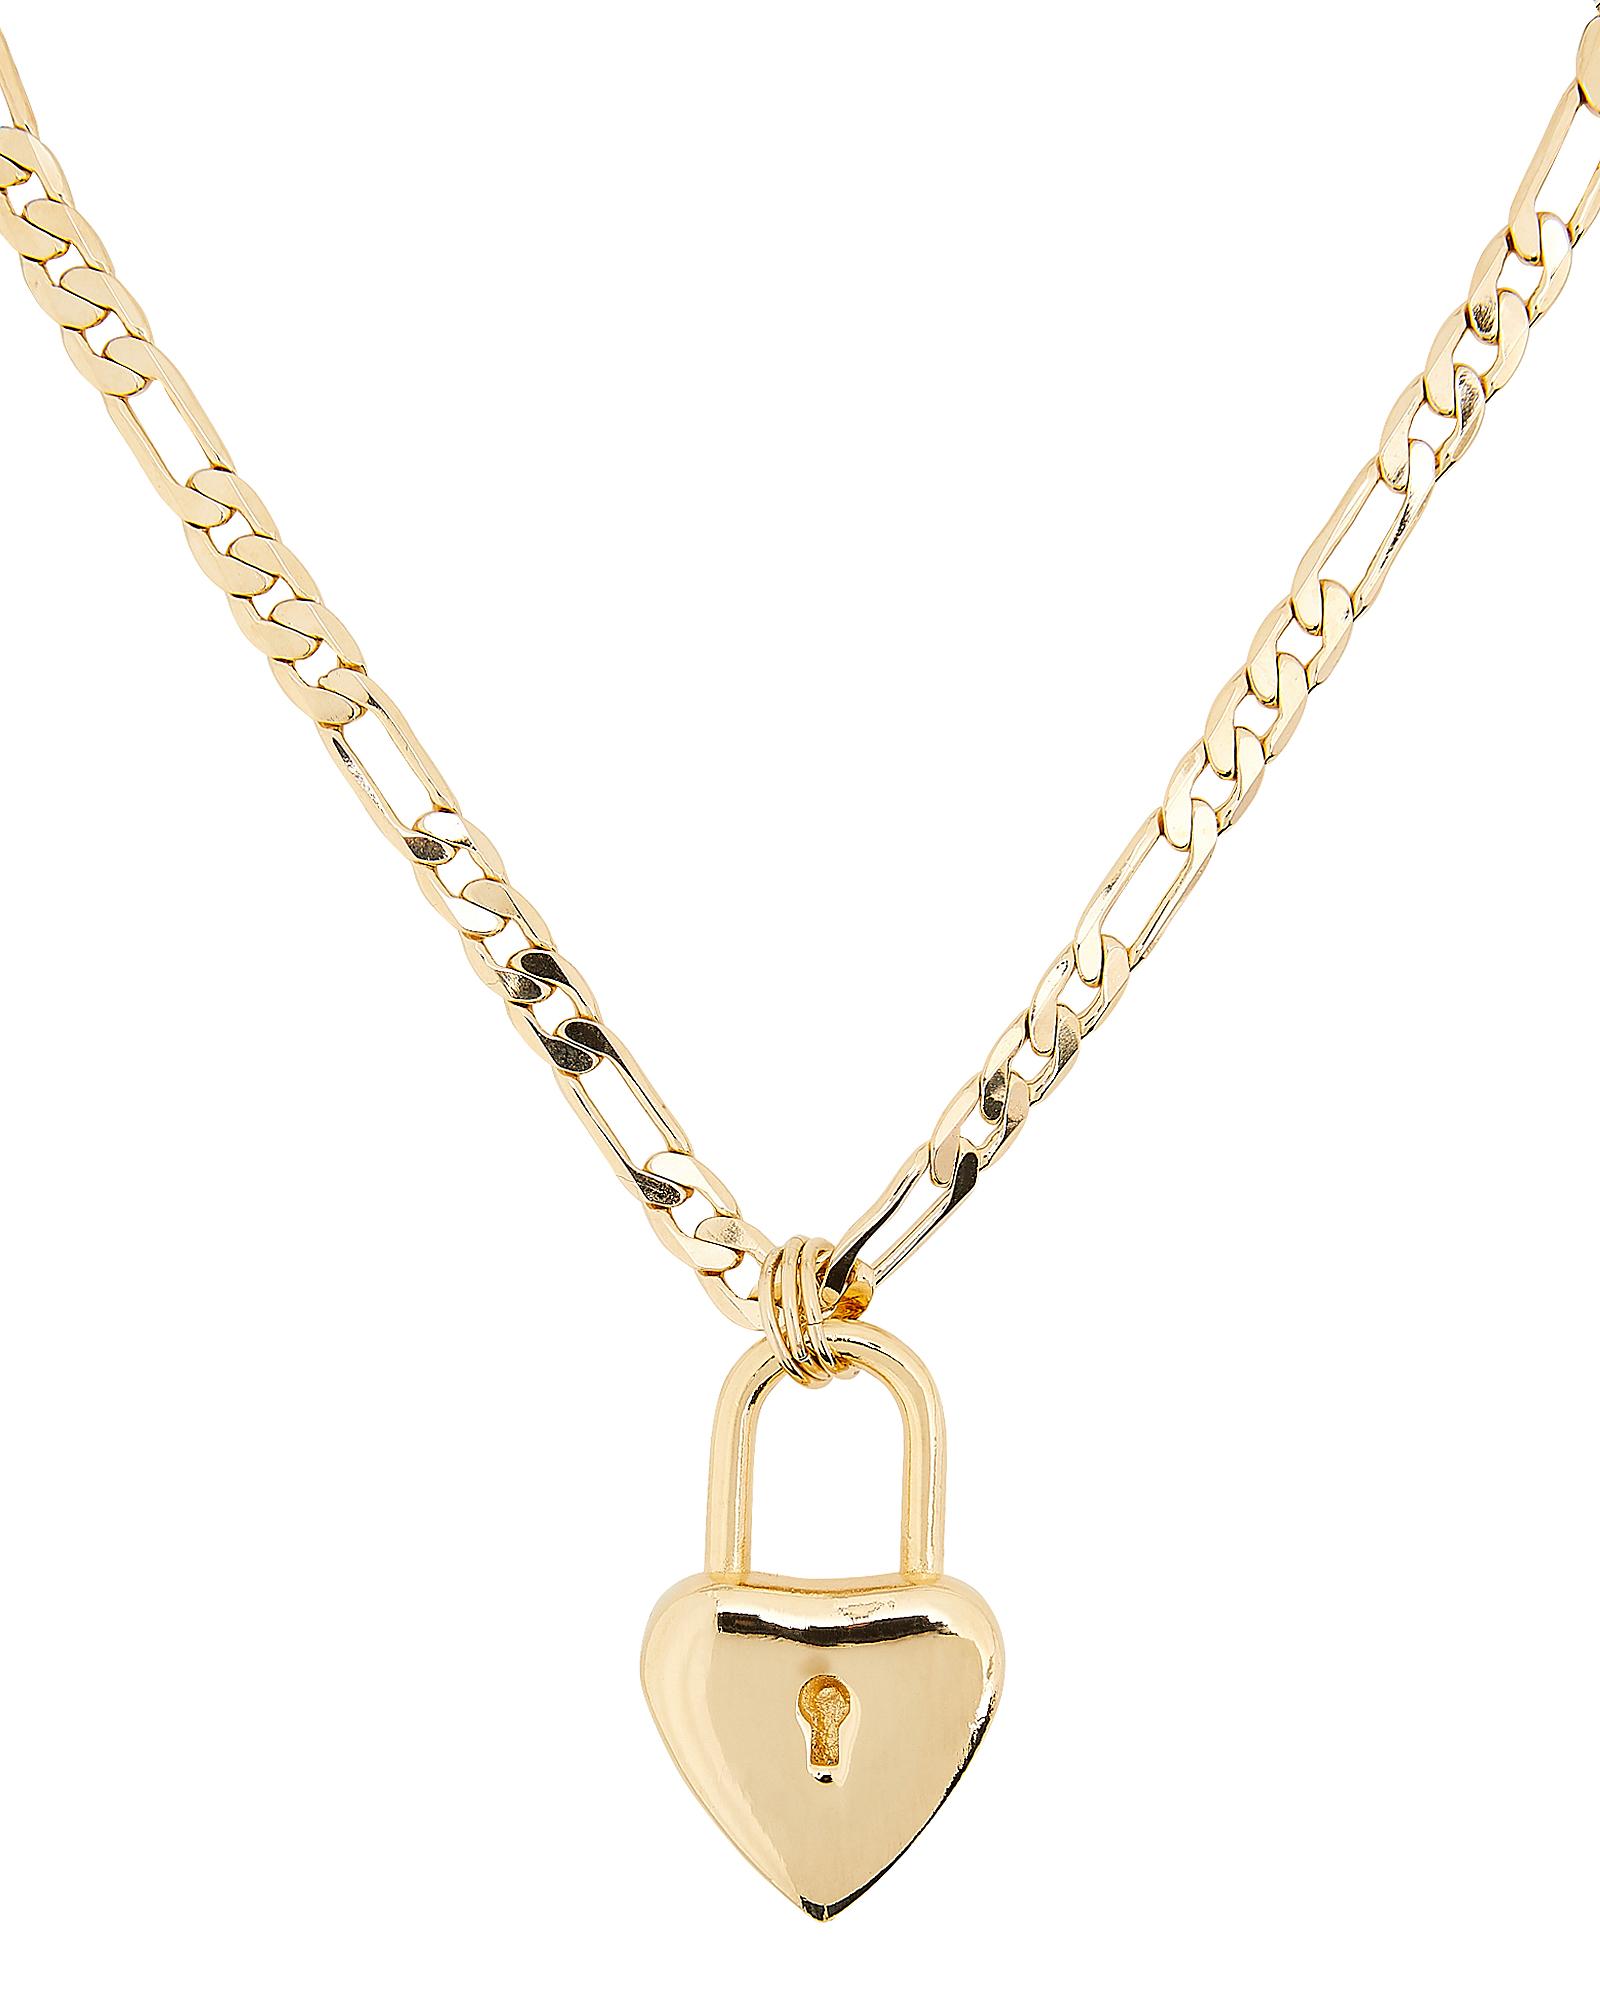 LARUICCI Heart Padlock Necklace